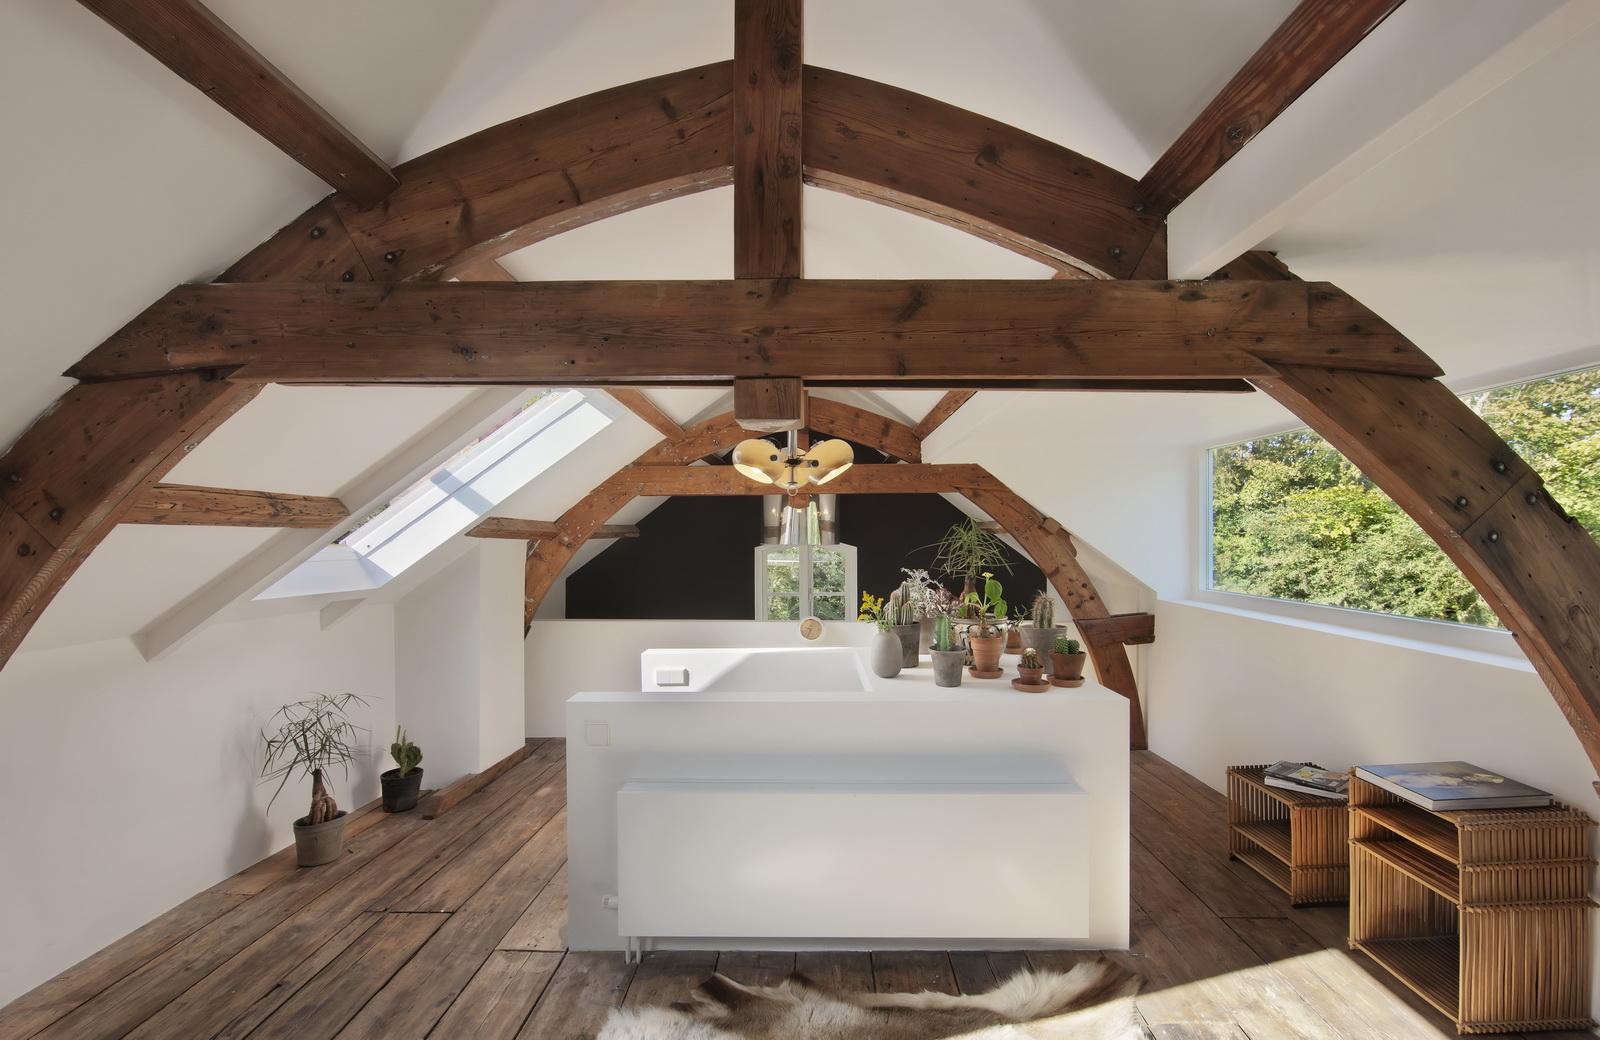 20 soffitti con travi a vista, uno diverso dall'altro - living ... - Camere Da Letto Con Travi A Vista